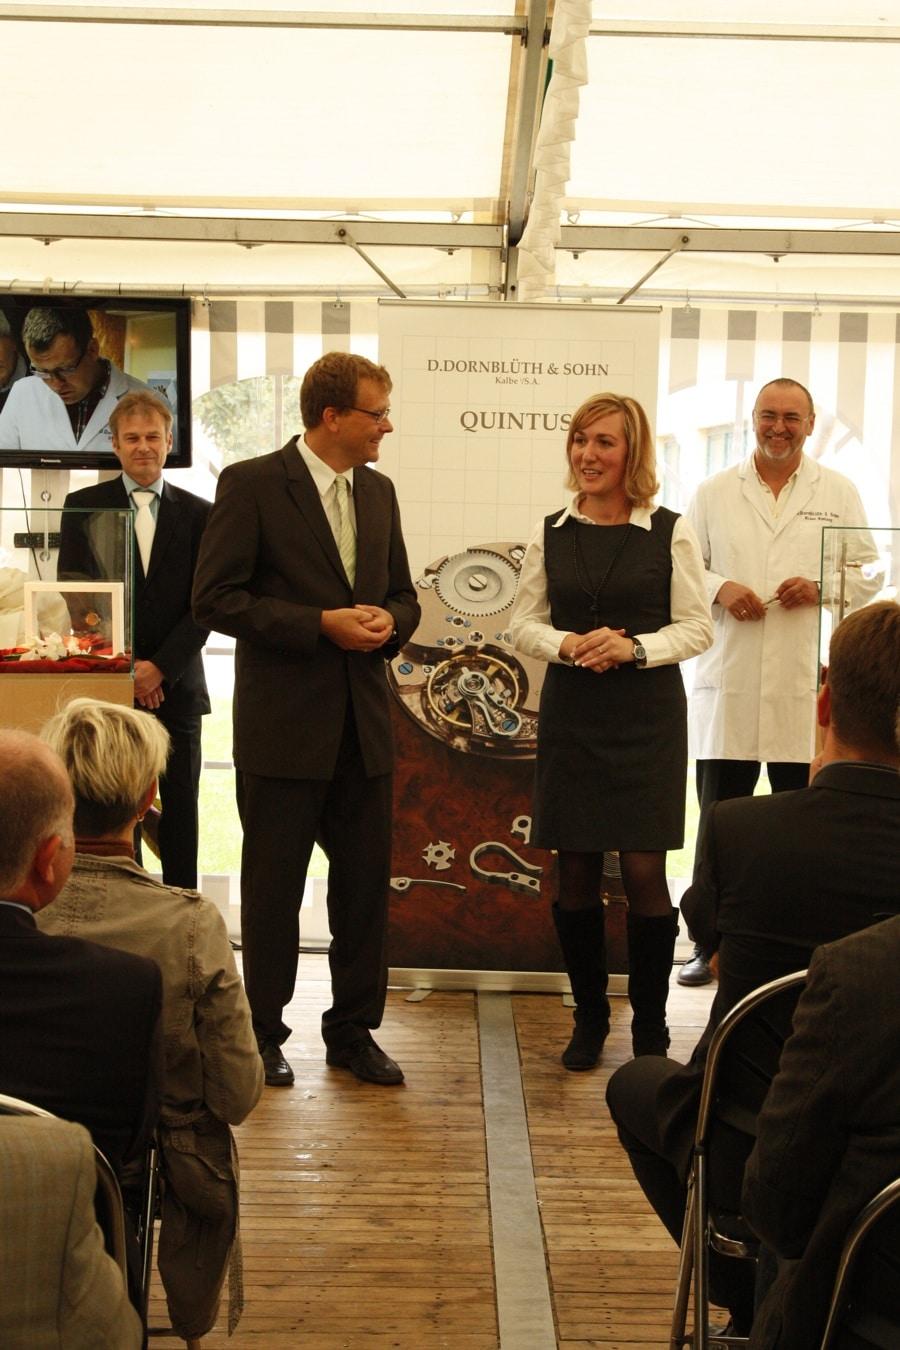 Dirk und Anja Dornblüth präsentieren die Quintus und das Kaliber 2010